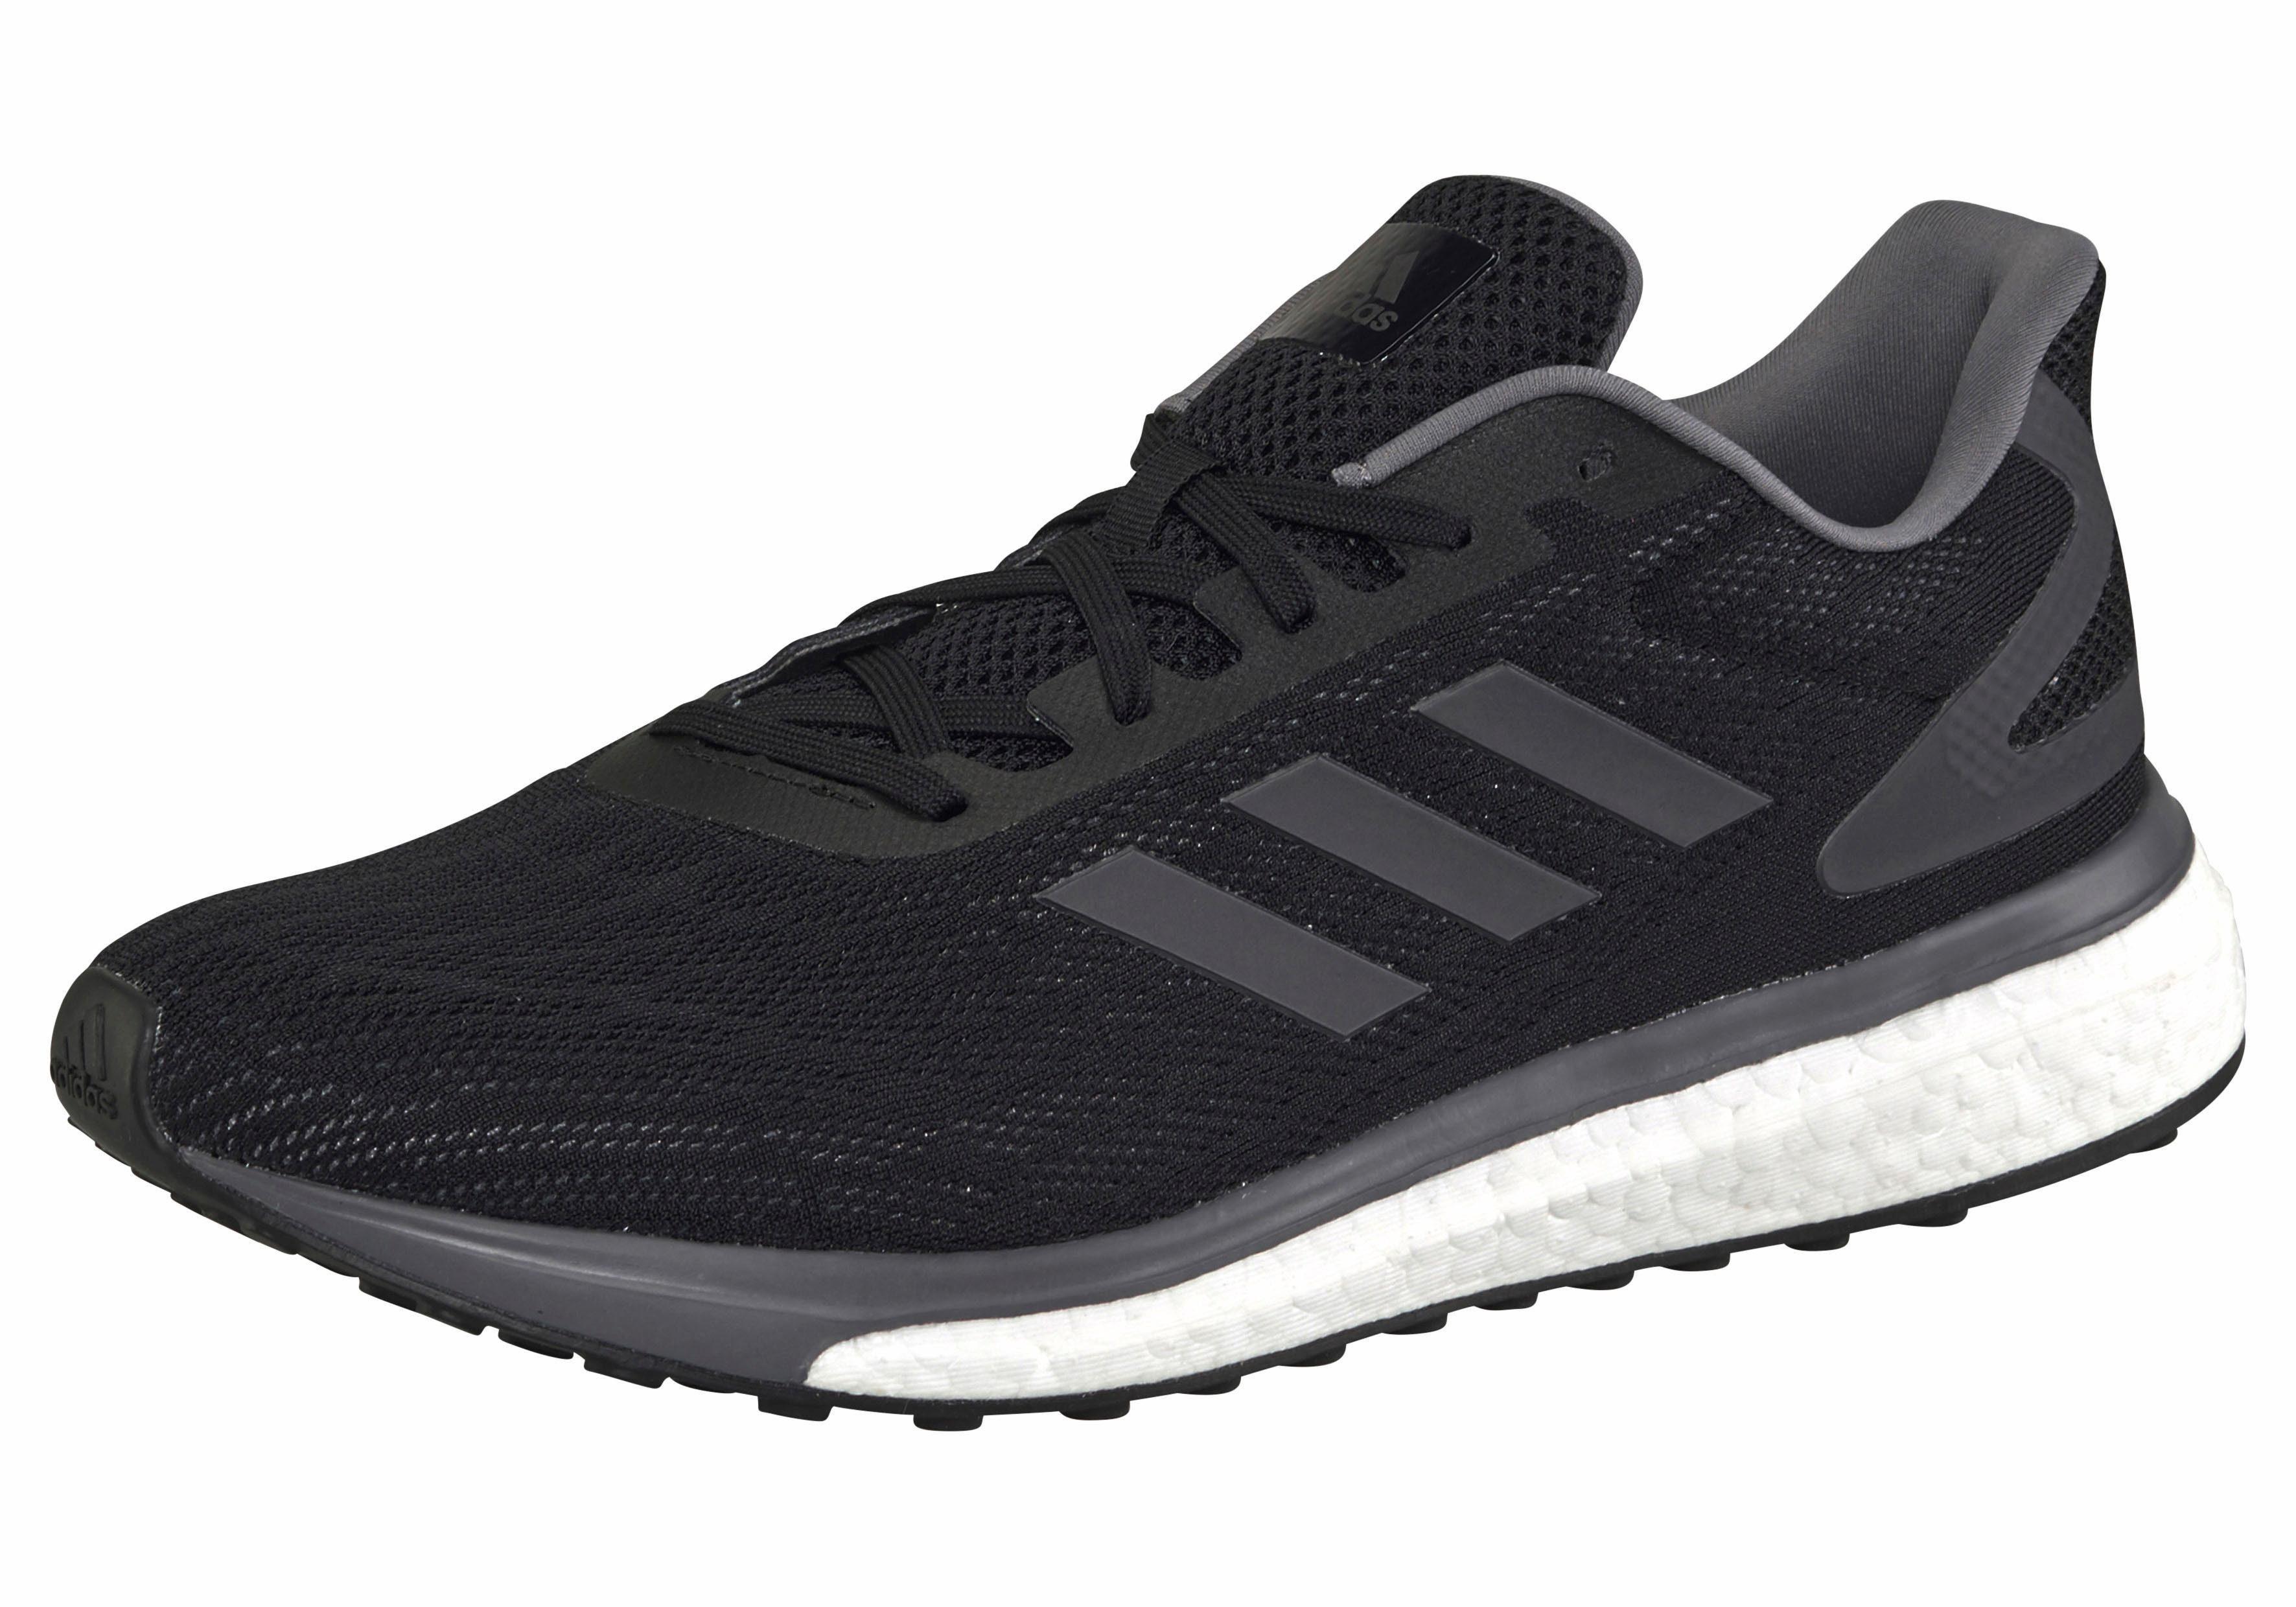 Adidas Response M Boost Herren Laufschuh Schwarz Running